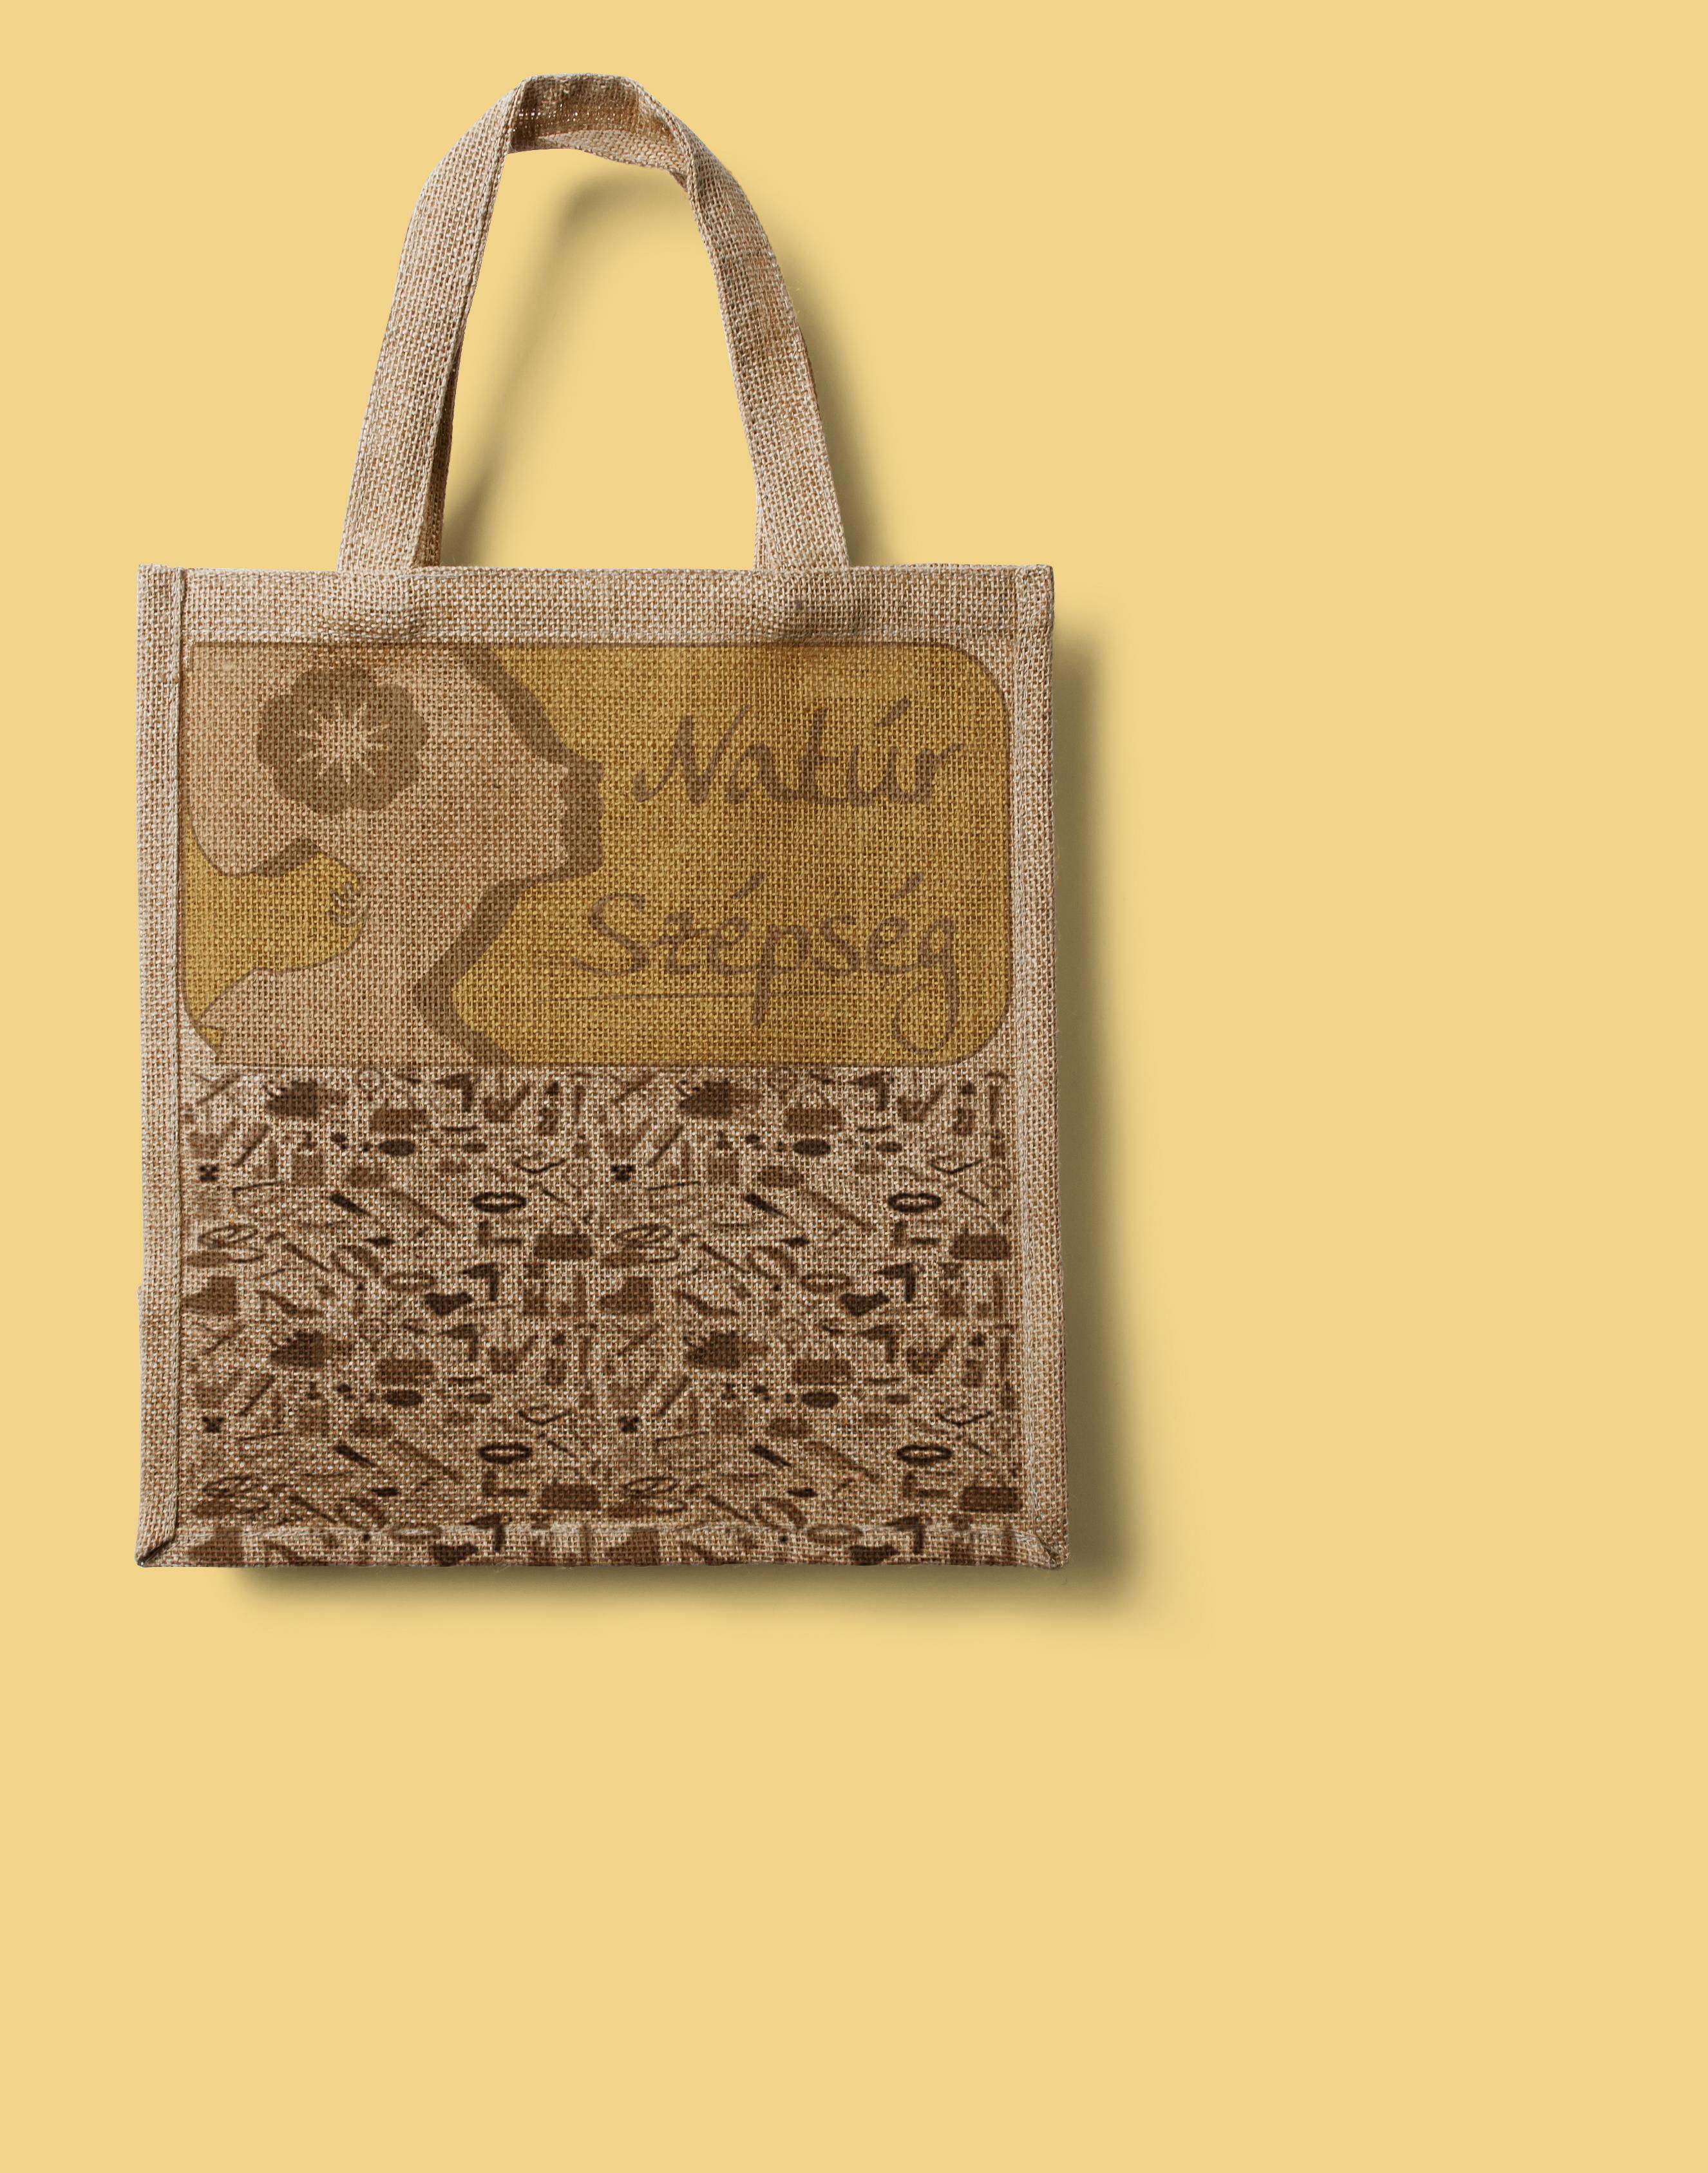 Natúr szépség logó táskán